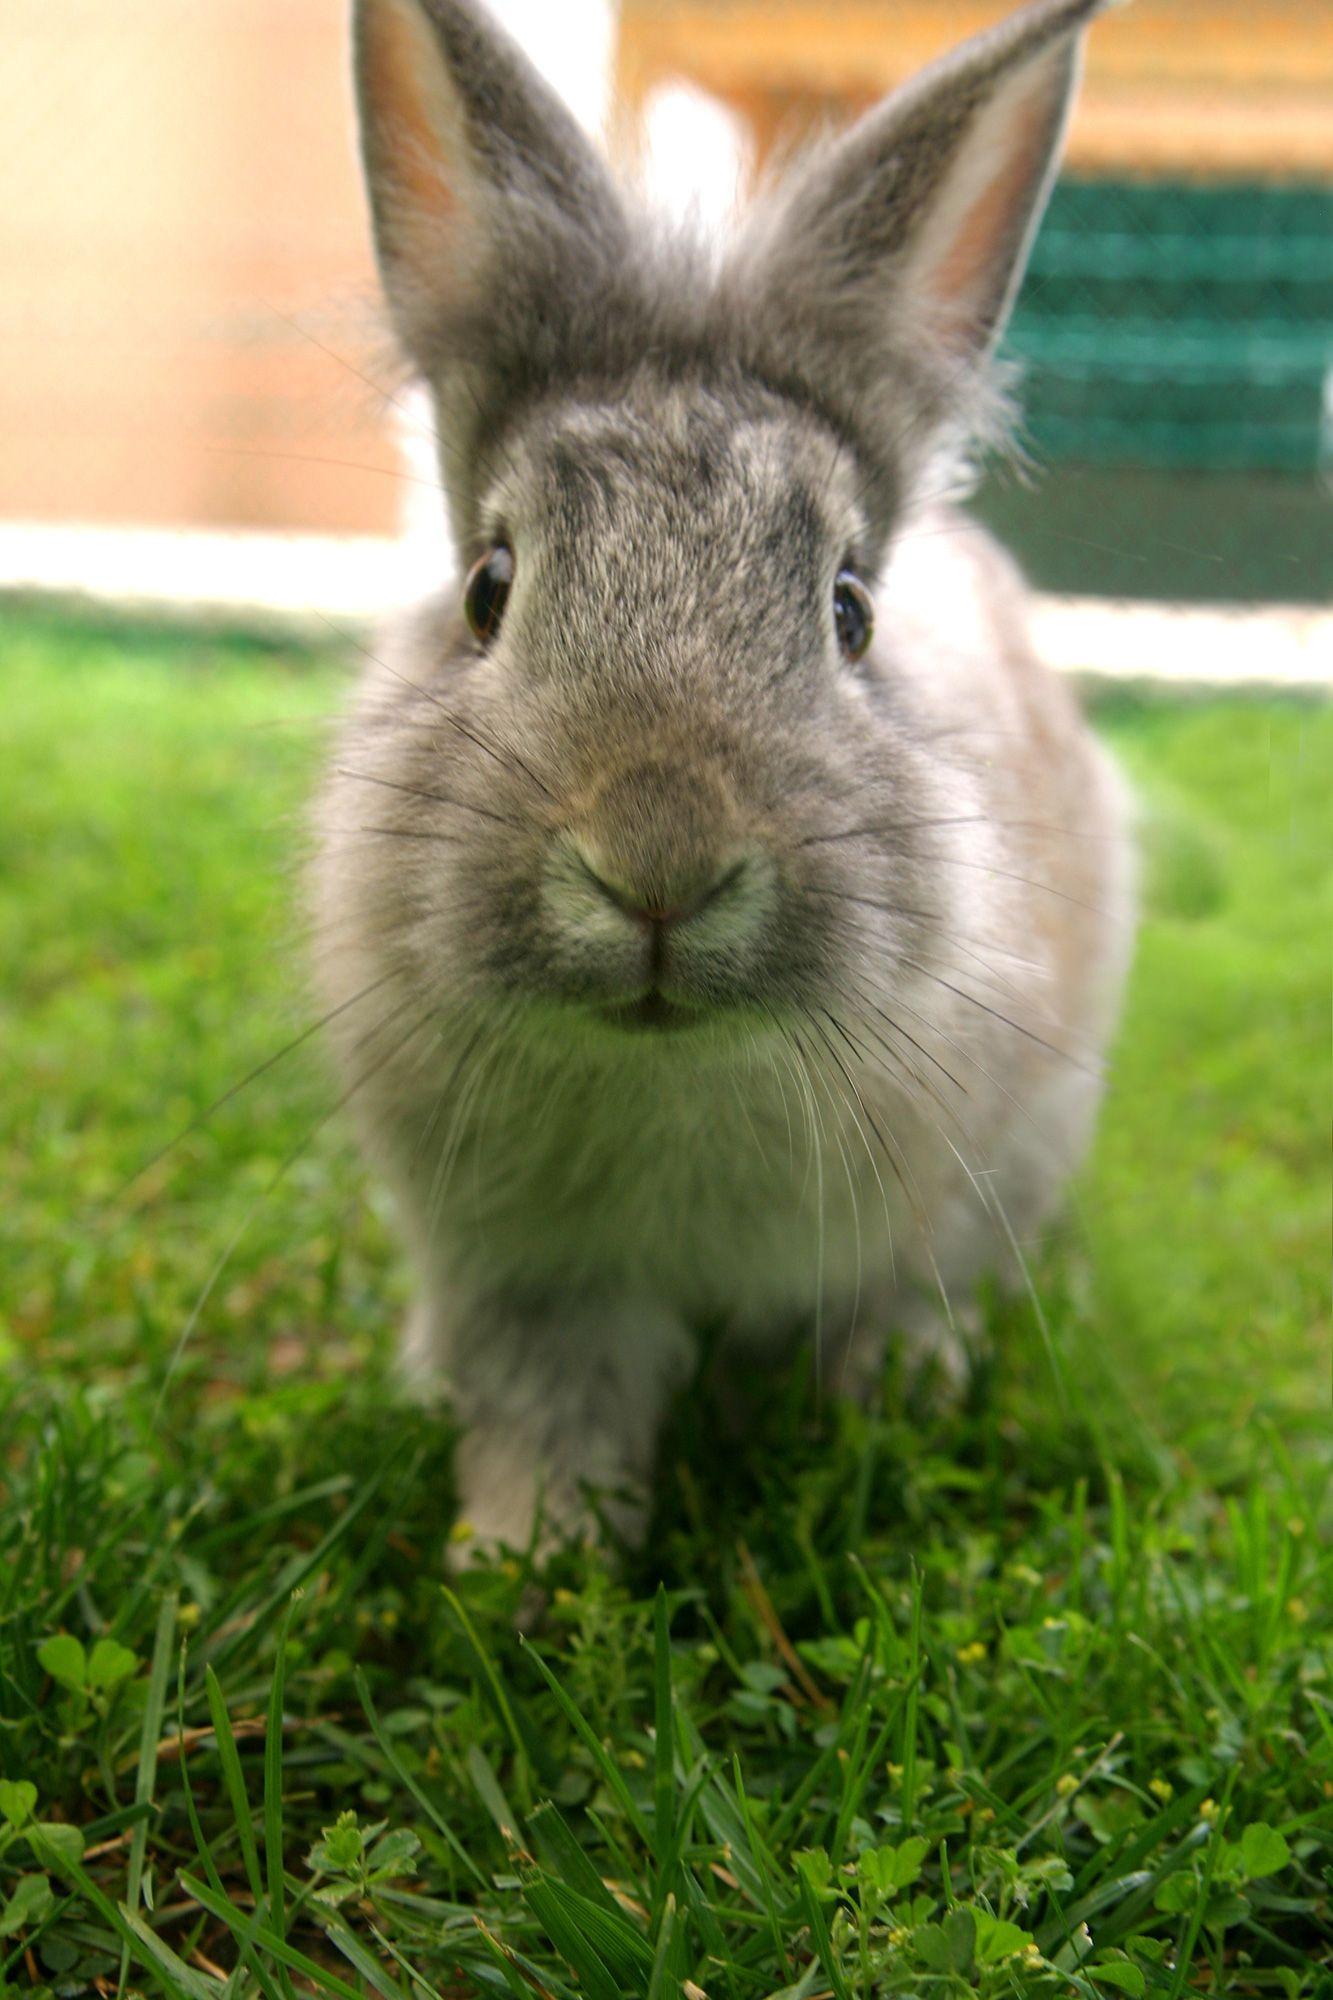 animales granja - conejo